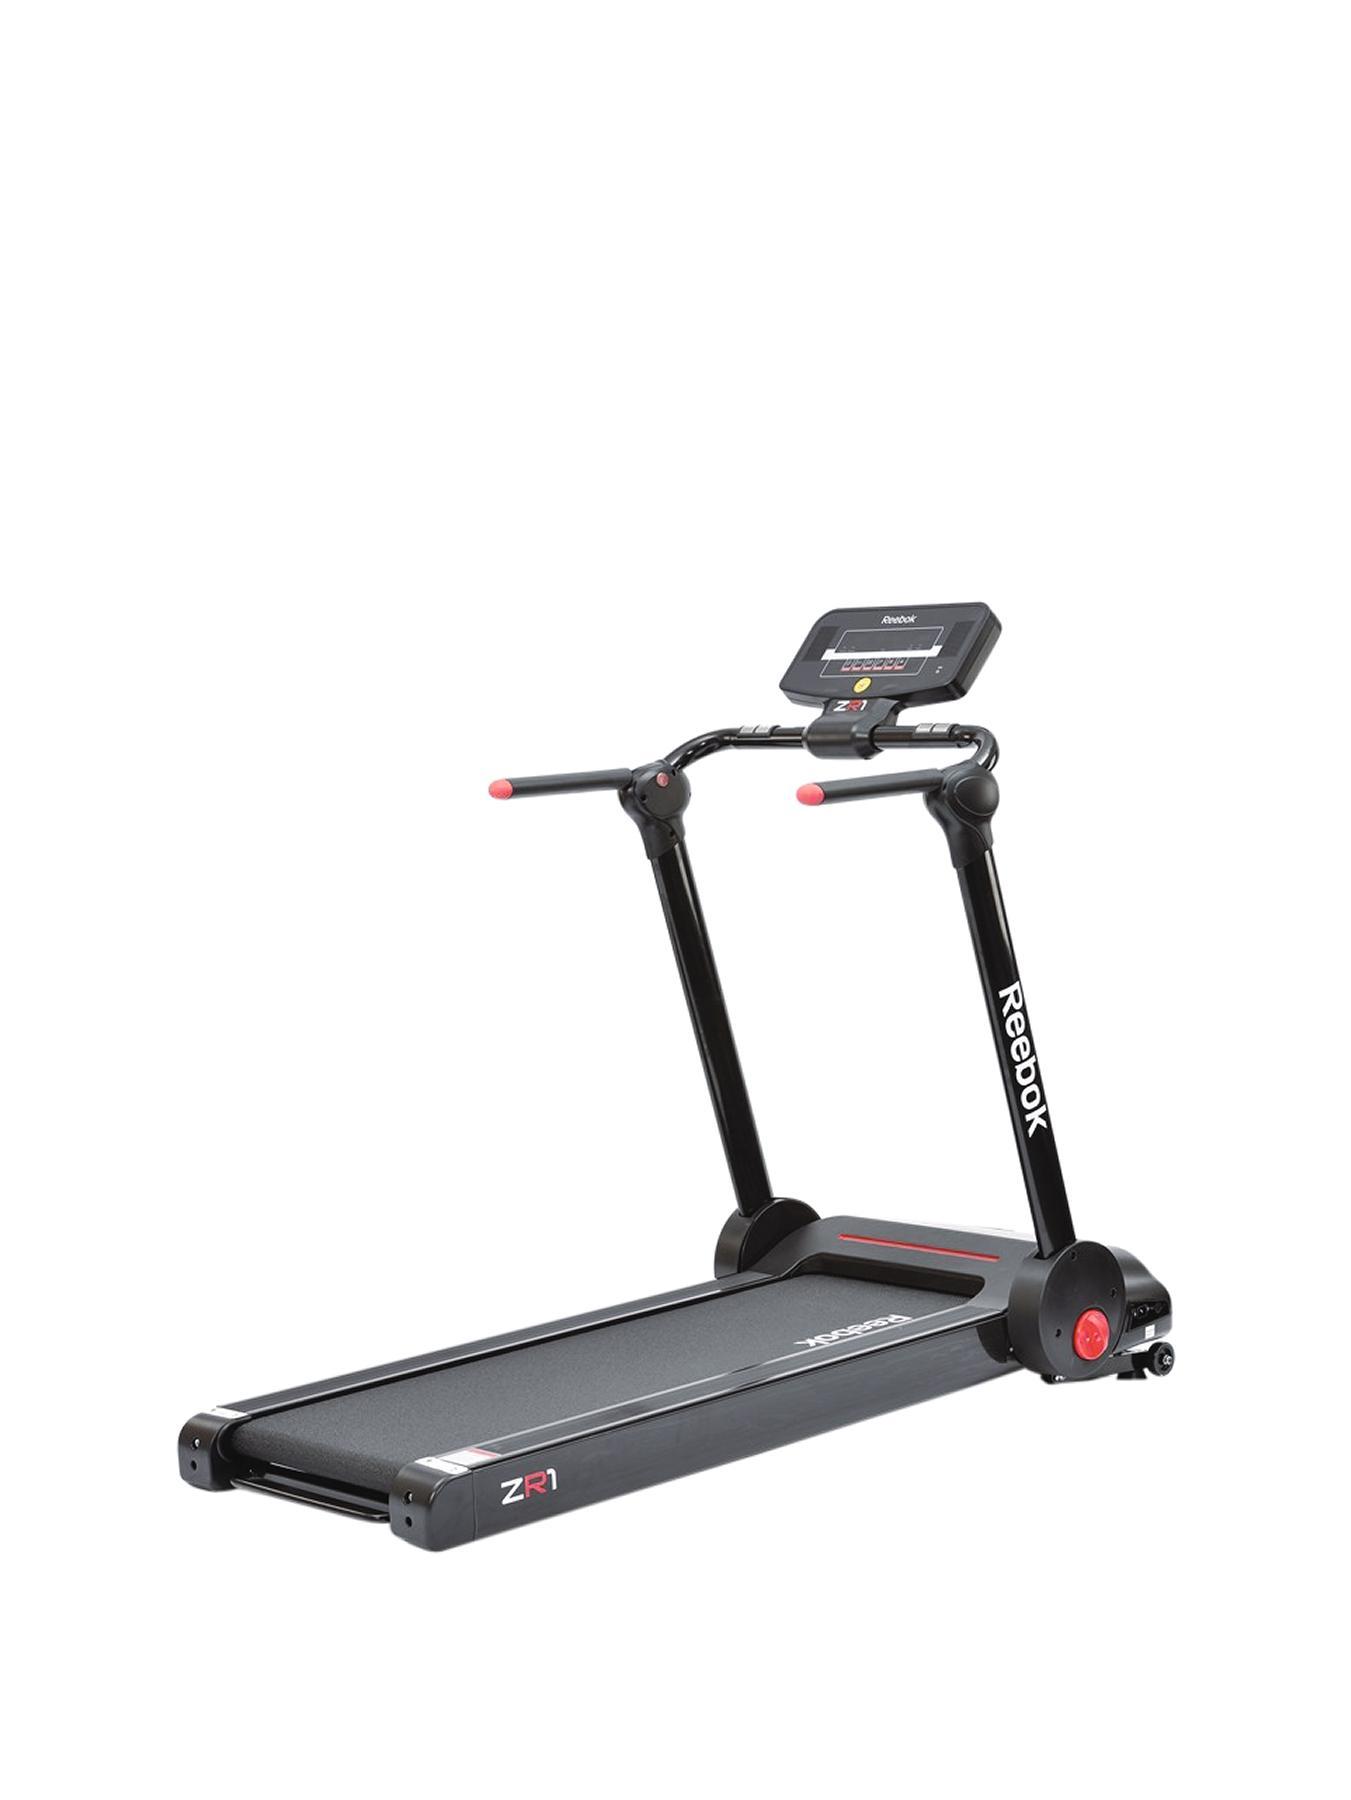 ZR1 Treadmill